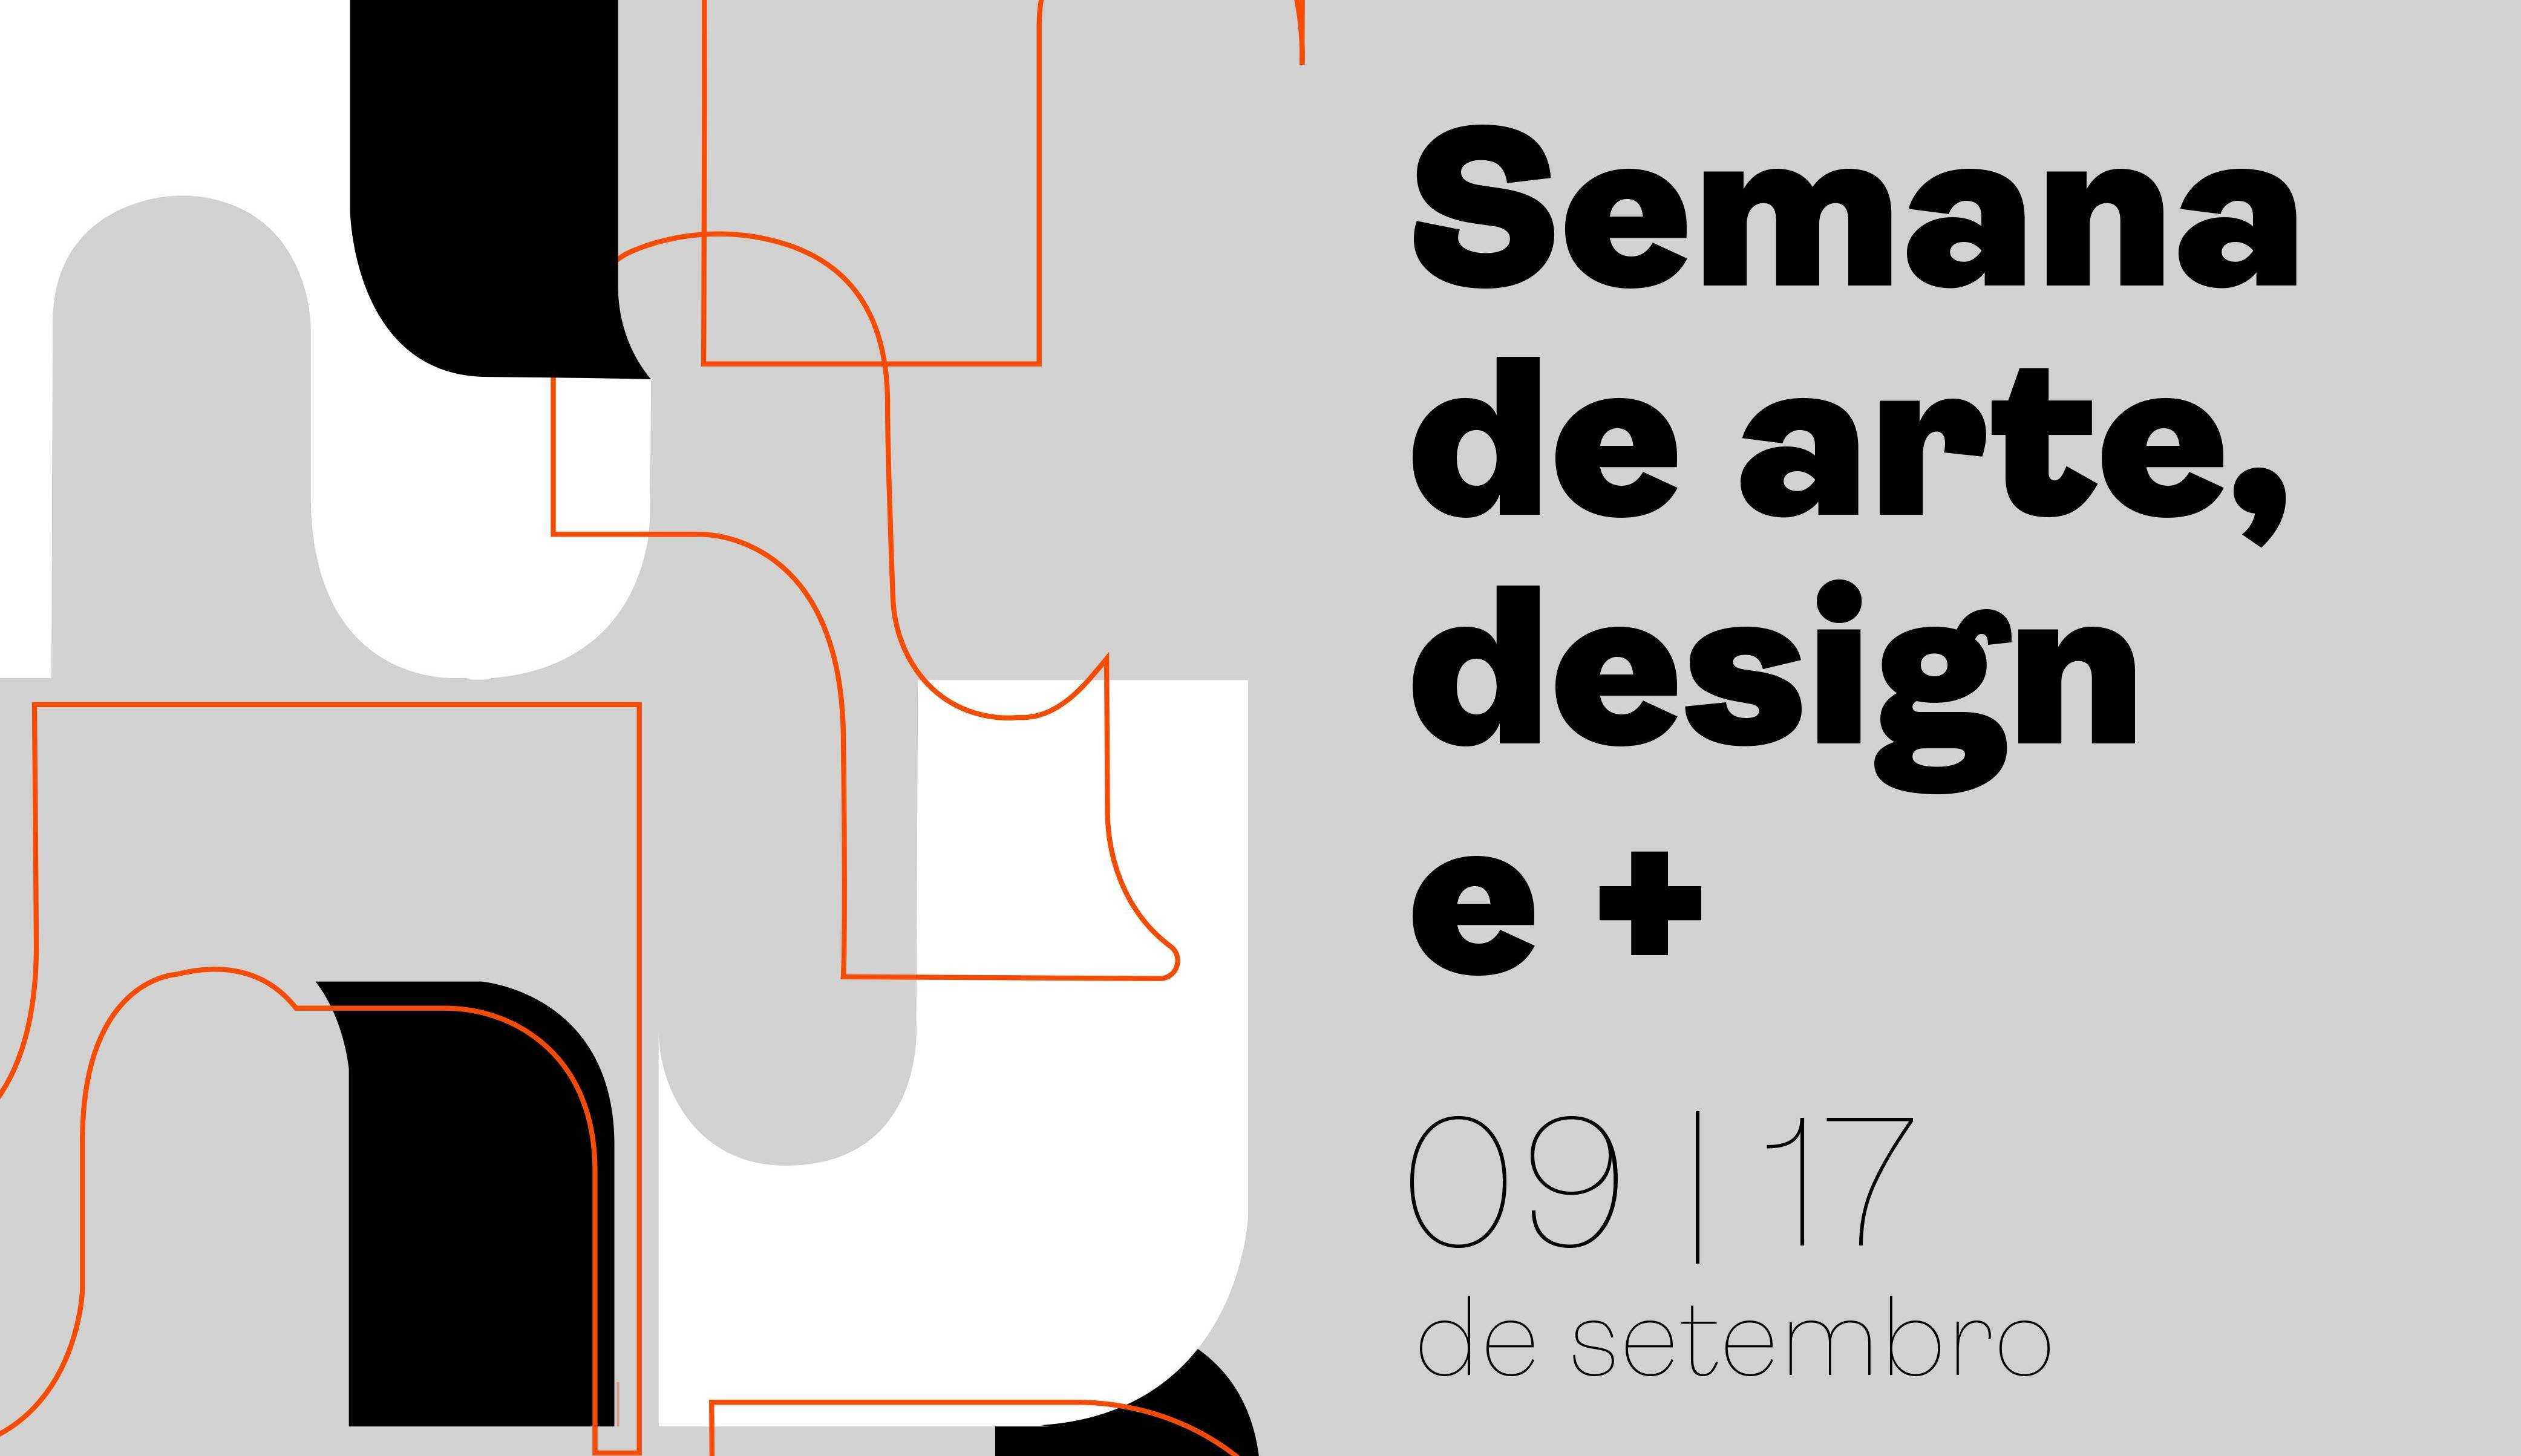 Casa Mollde + Conteúdo_ promove Semana de Arte, Desing E+